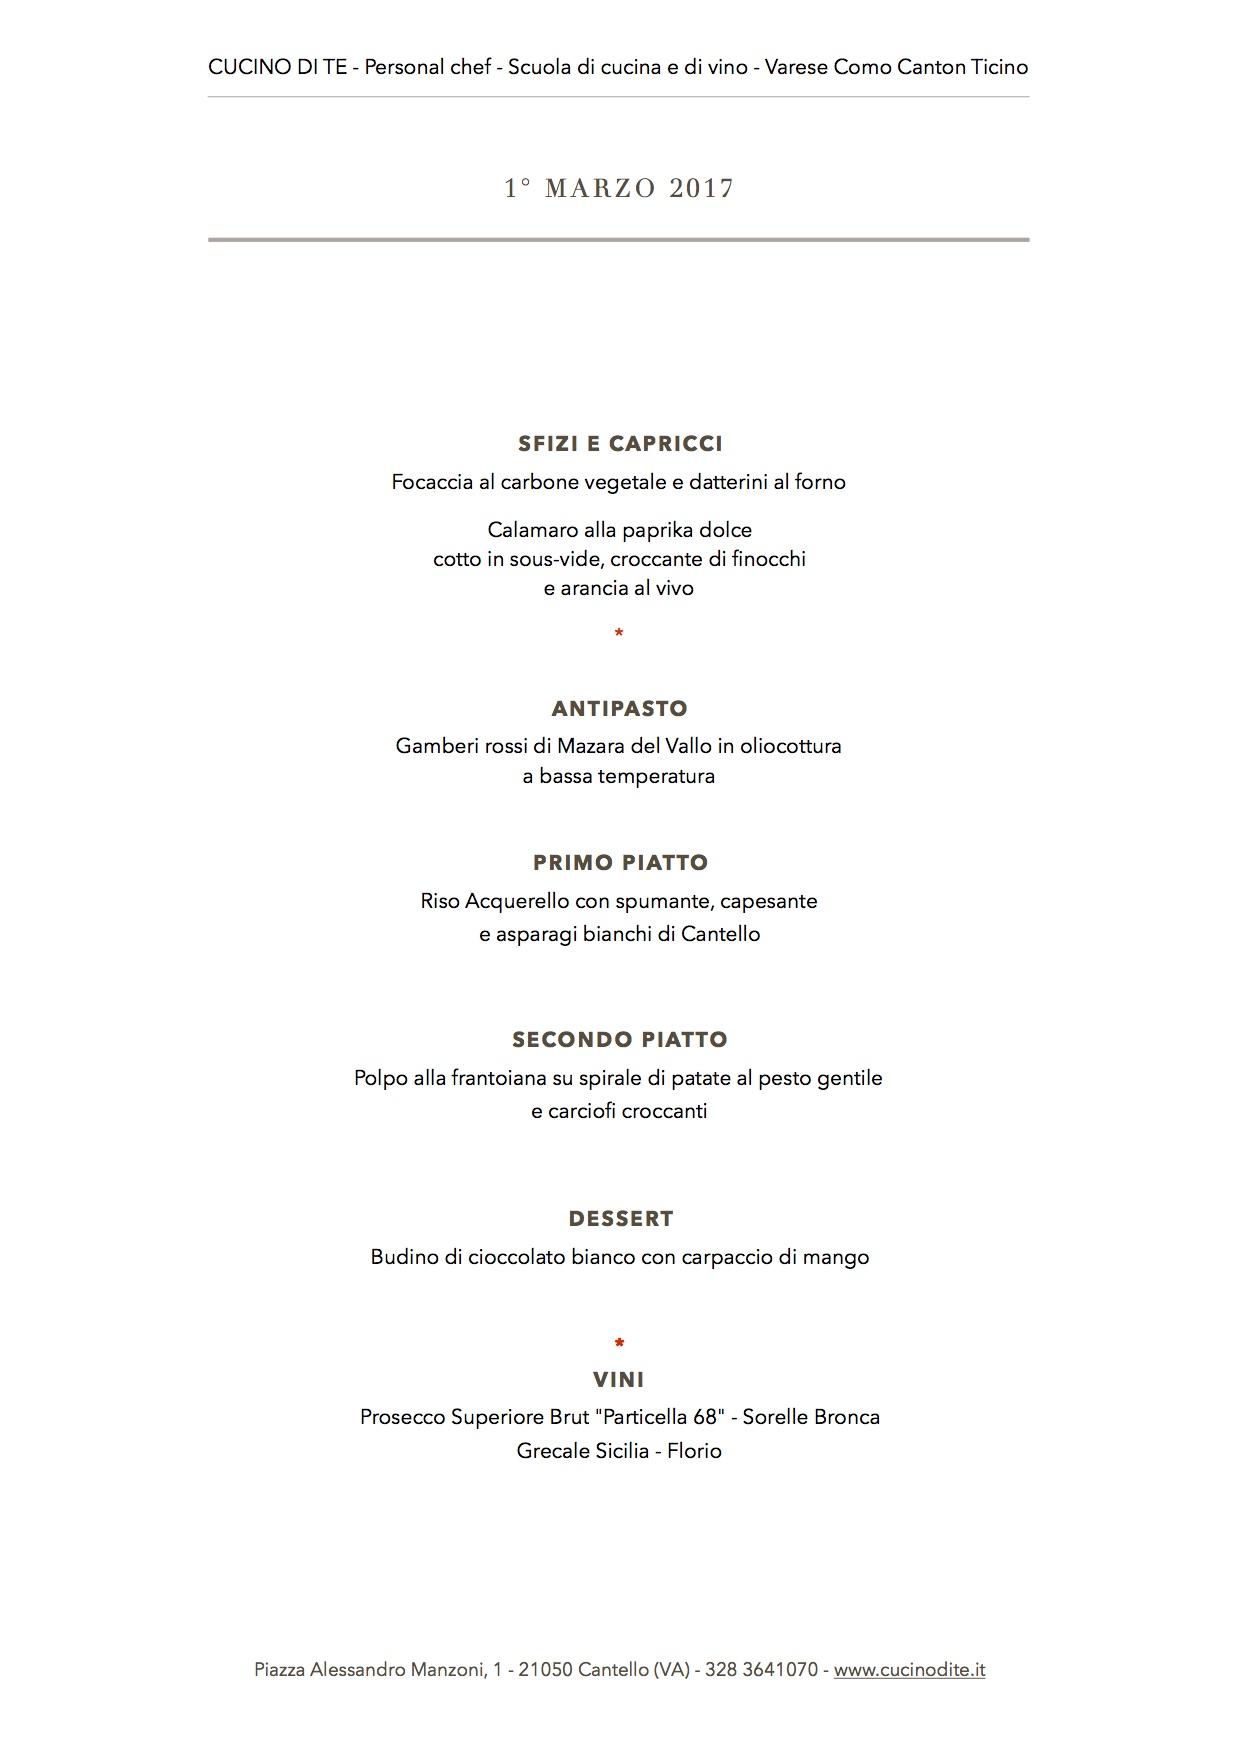 cucino di te - menù del 1° marzo 2017